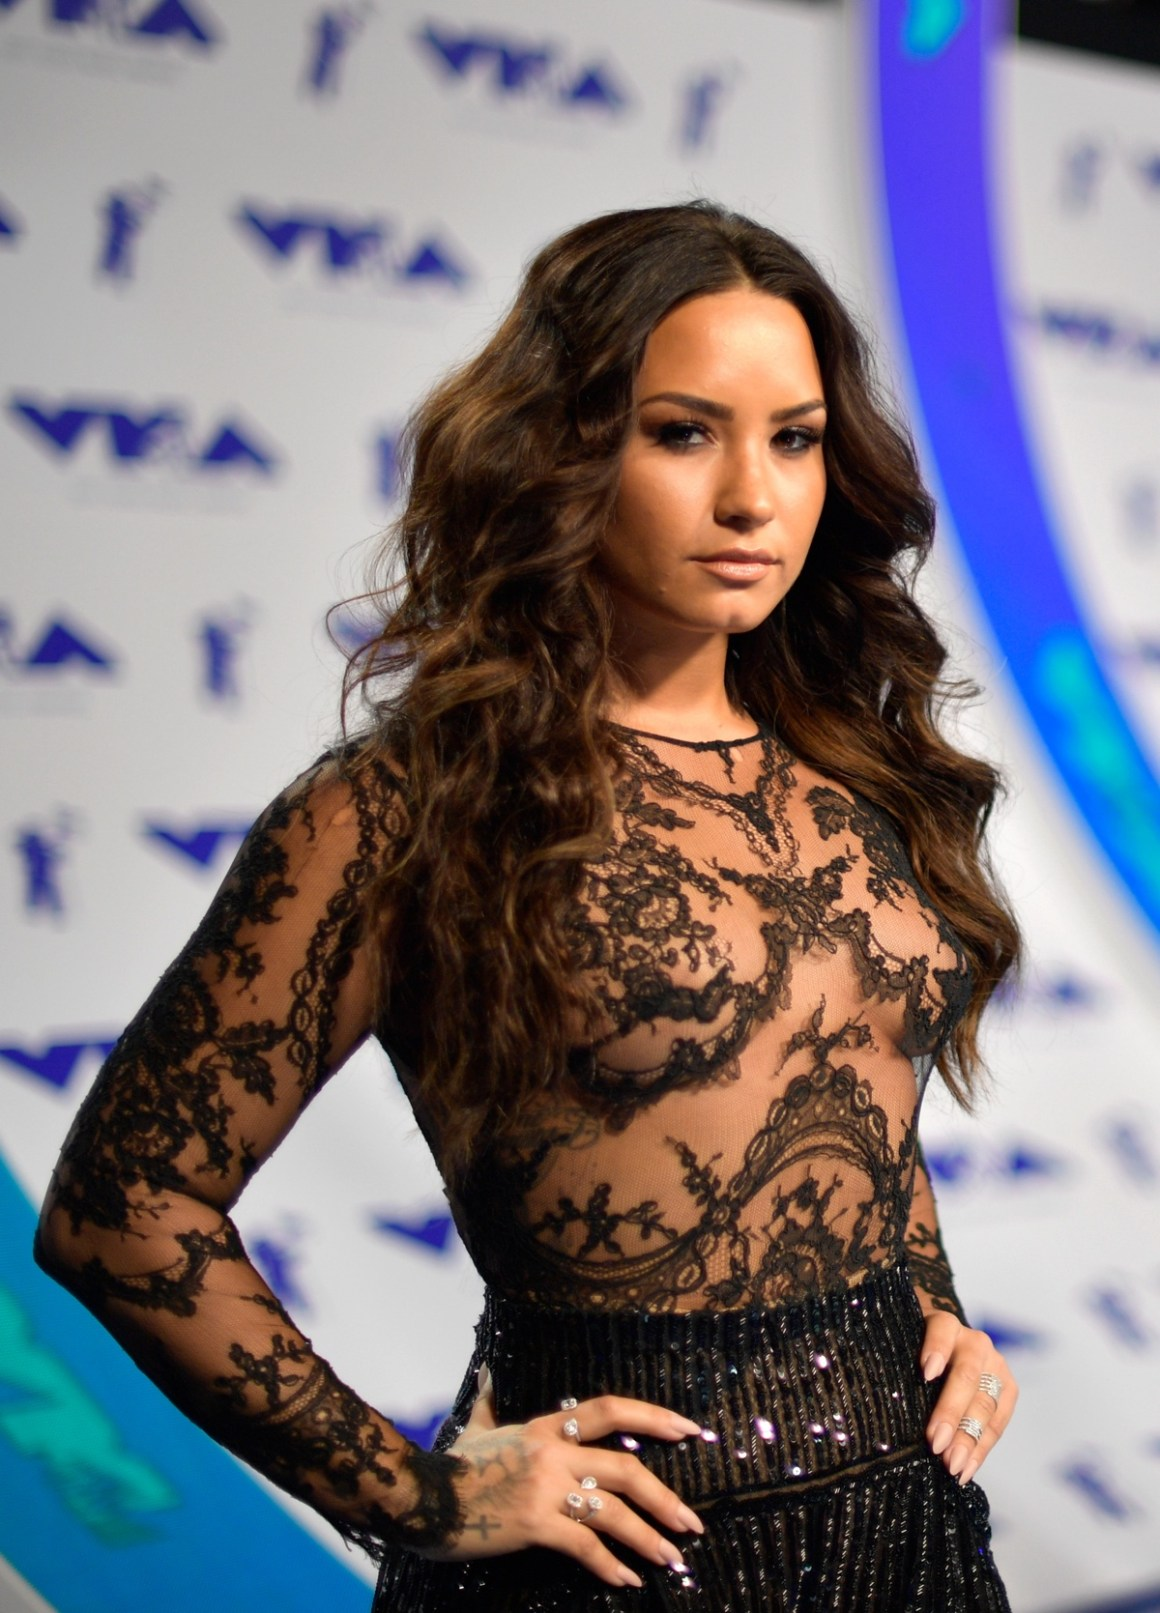 Demi Lovato 2017 MTV Video Music Awards - Red Carpet